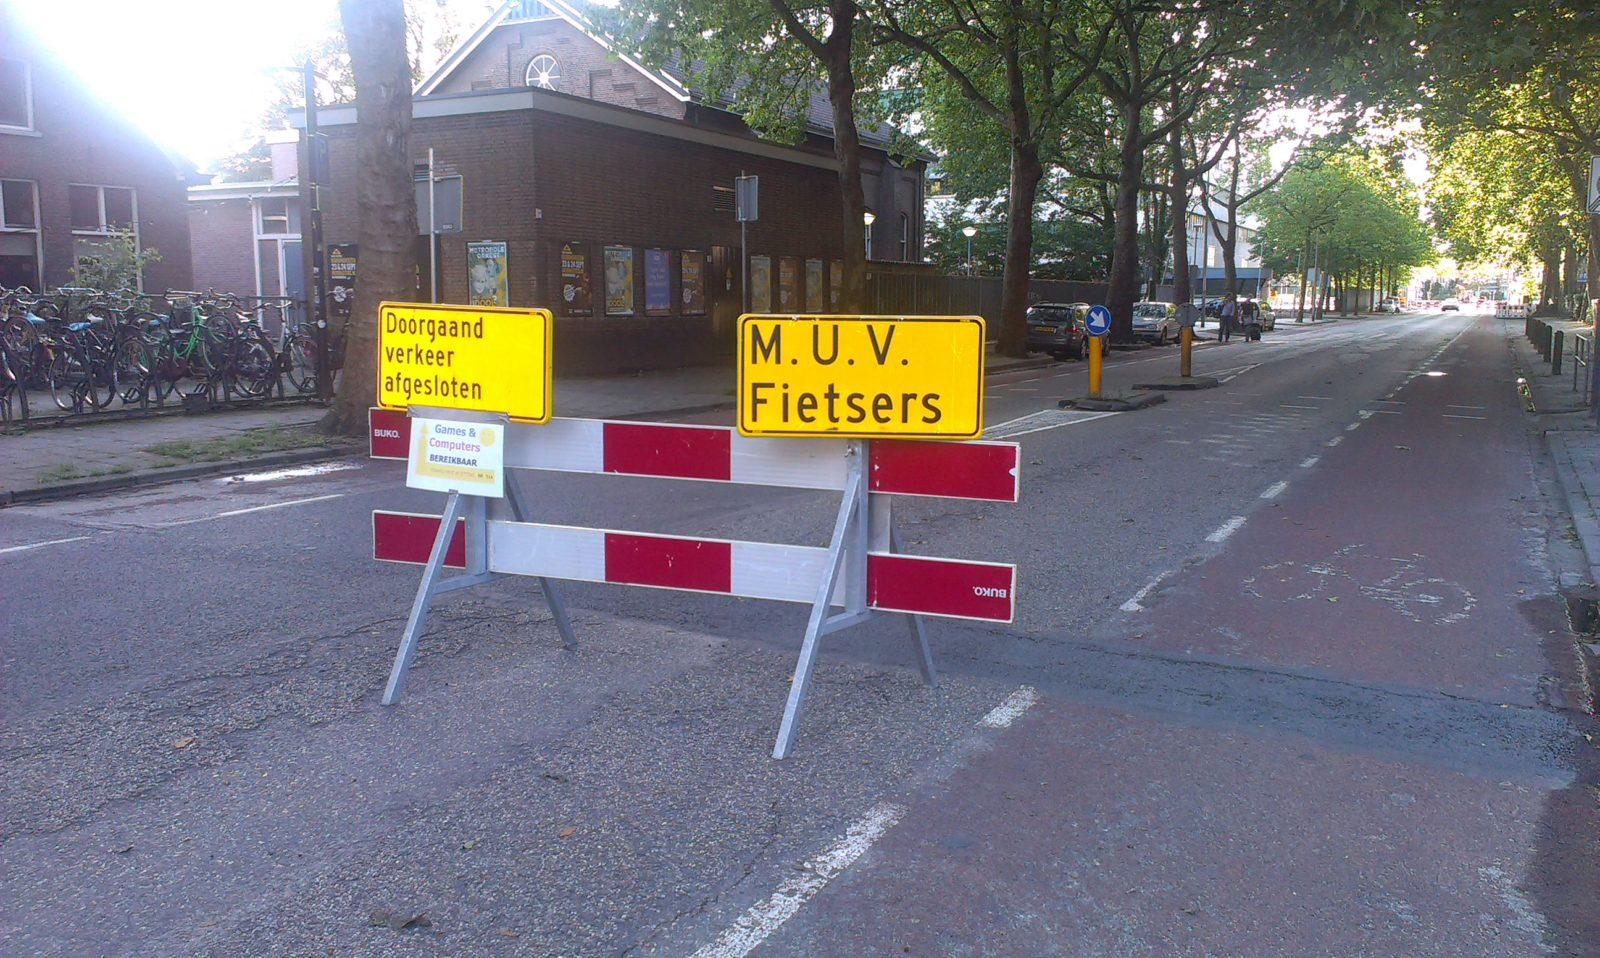 Als je toch bent doorgereden, blijkt dat je als fietser in de richting van de Willemsvaart kunt doorrijden.